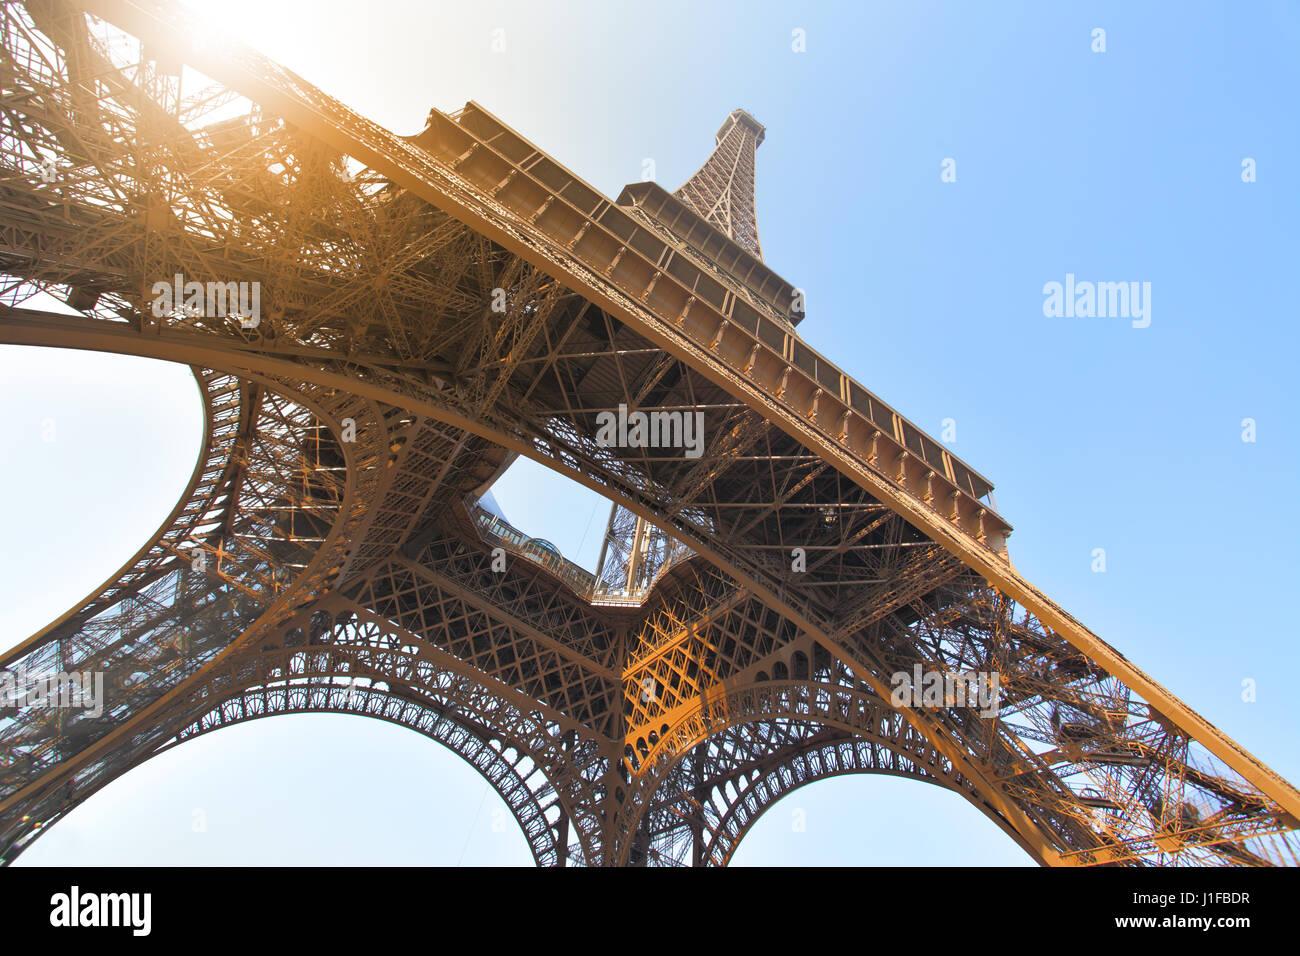 Ángulo de filmación de la torre Eiffel, en París, Francia Imagen De Stock